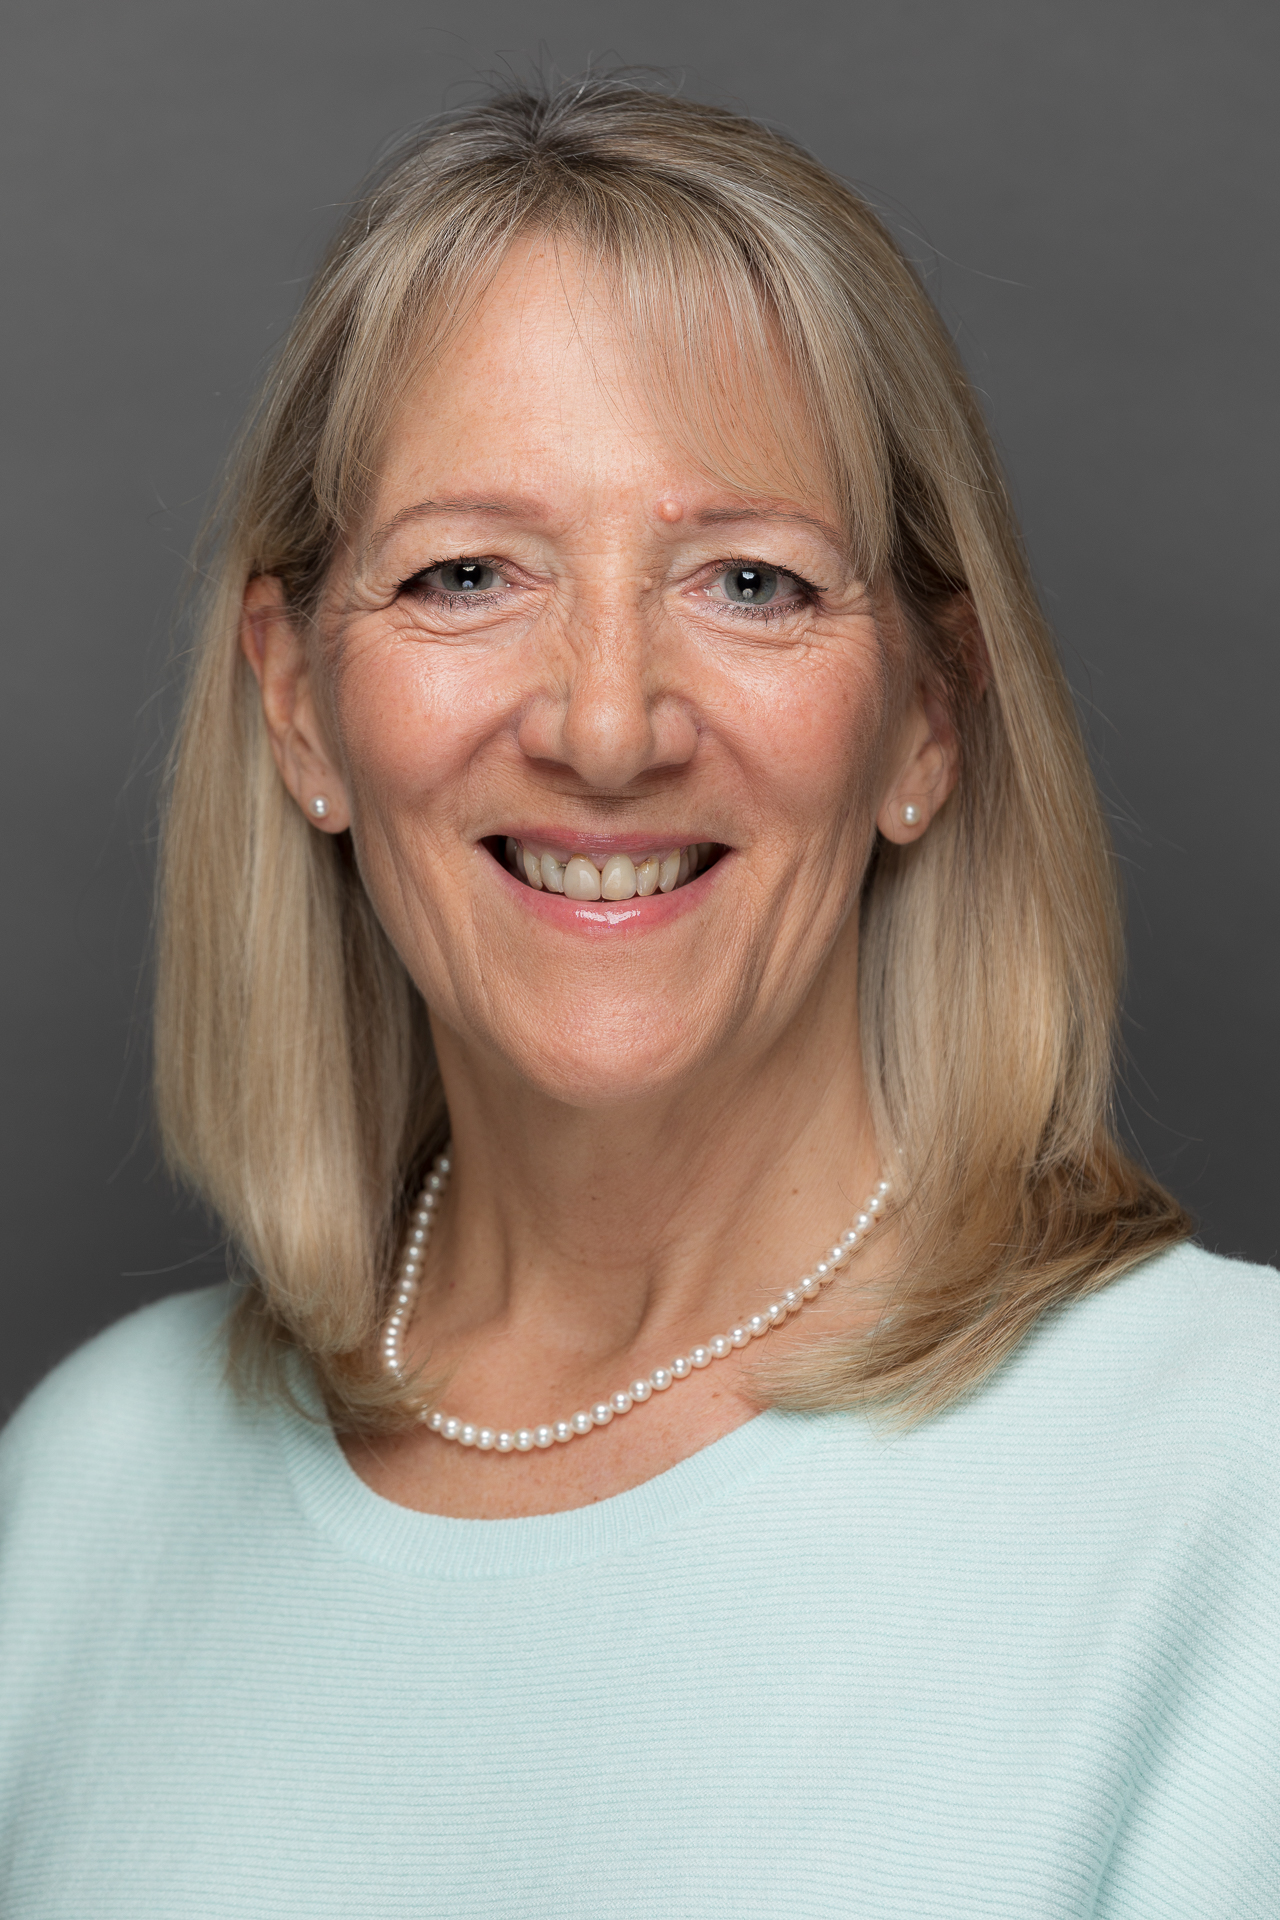 Debbie Peniket - Owner / Director MSc, RN, RM RHV